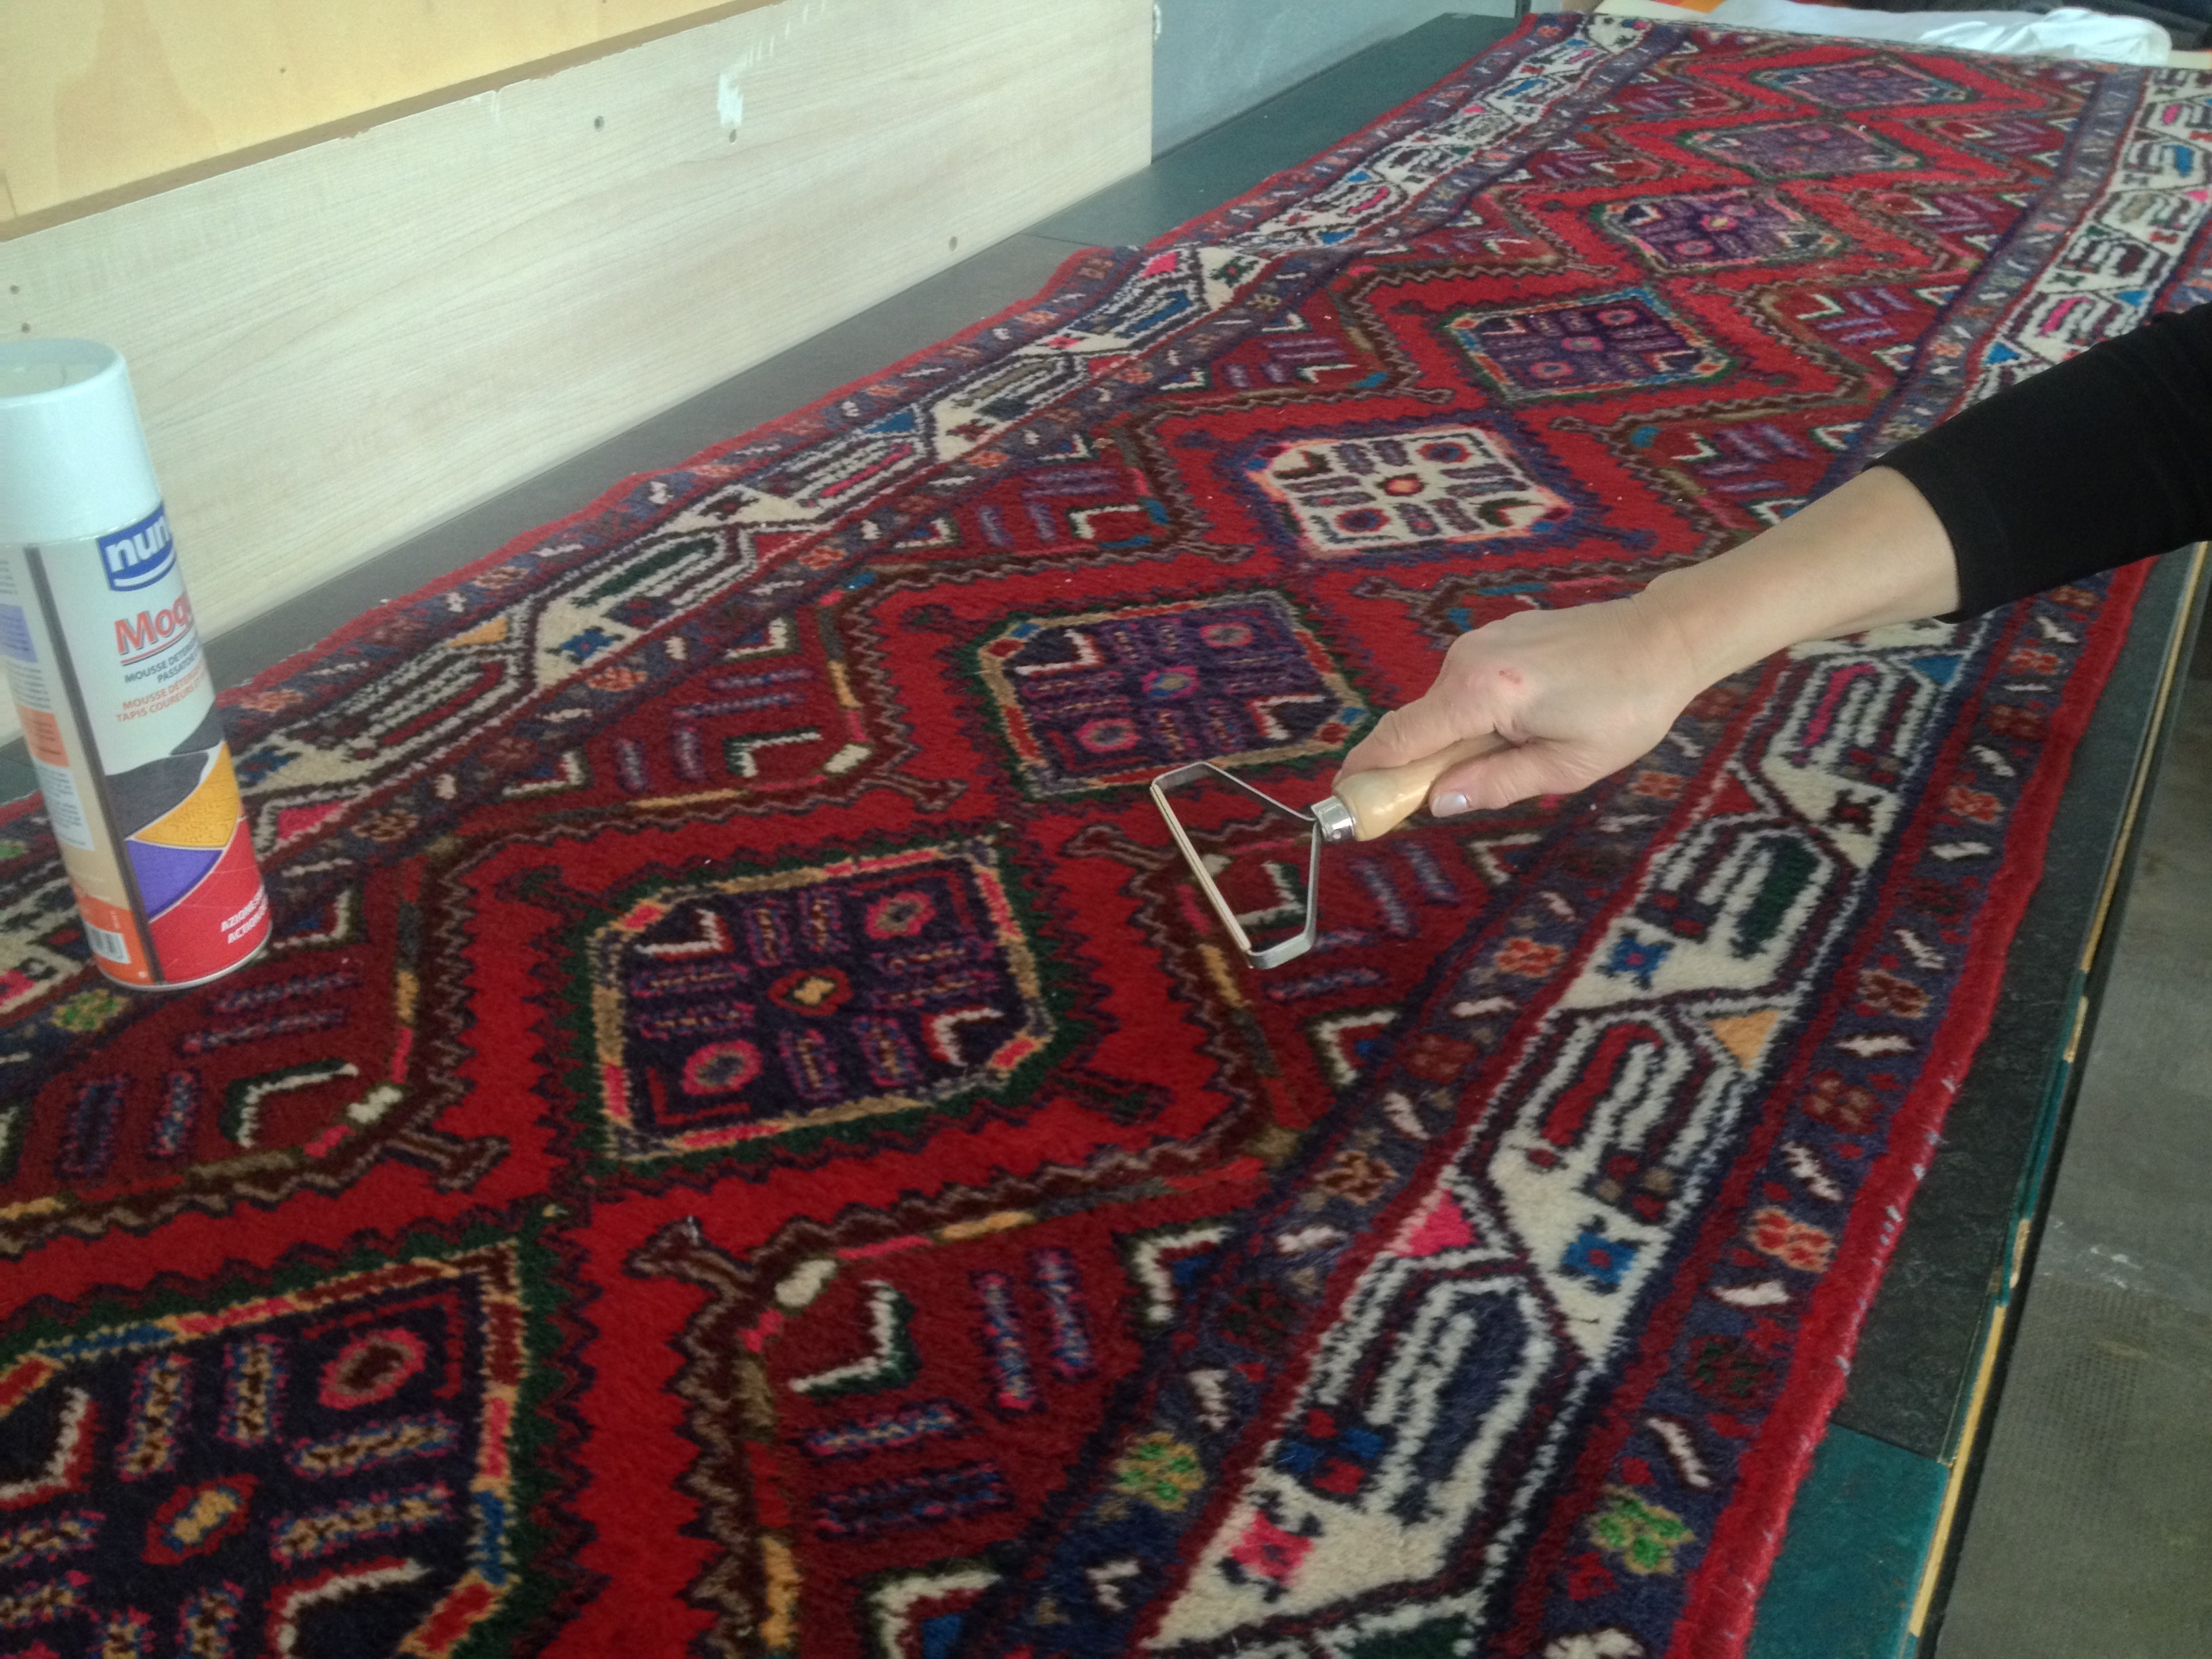 I nostri servizi - Lavaggio tappeti in casa ...